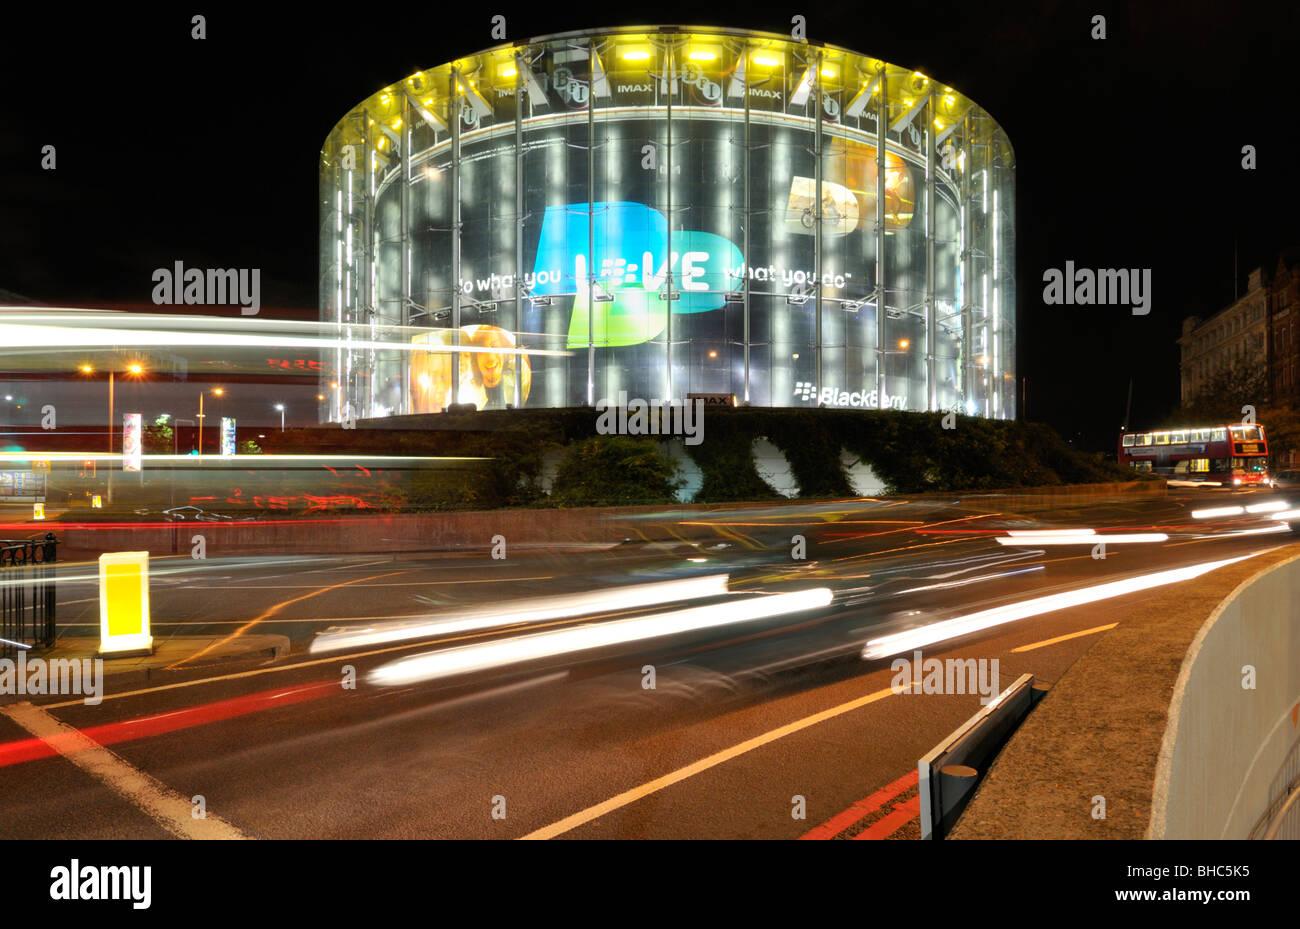 Leichte Wanderwege rund um die BFI IMAX Cinema, Waterloo, London SE1, Vereinigtes Königreich Stockbild